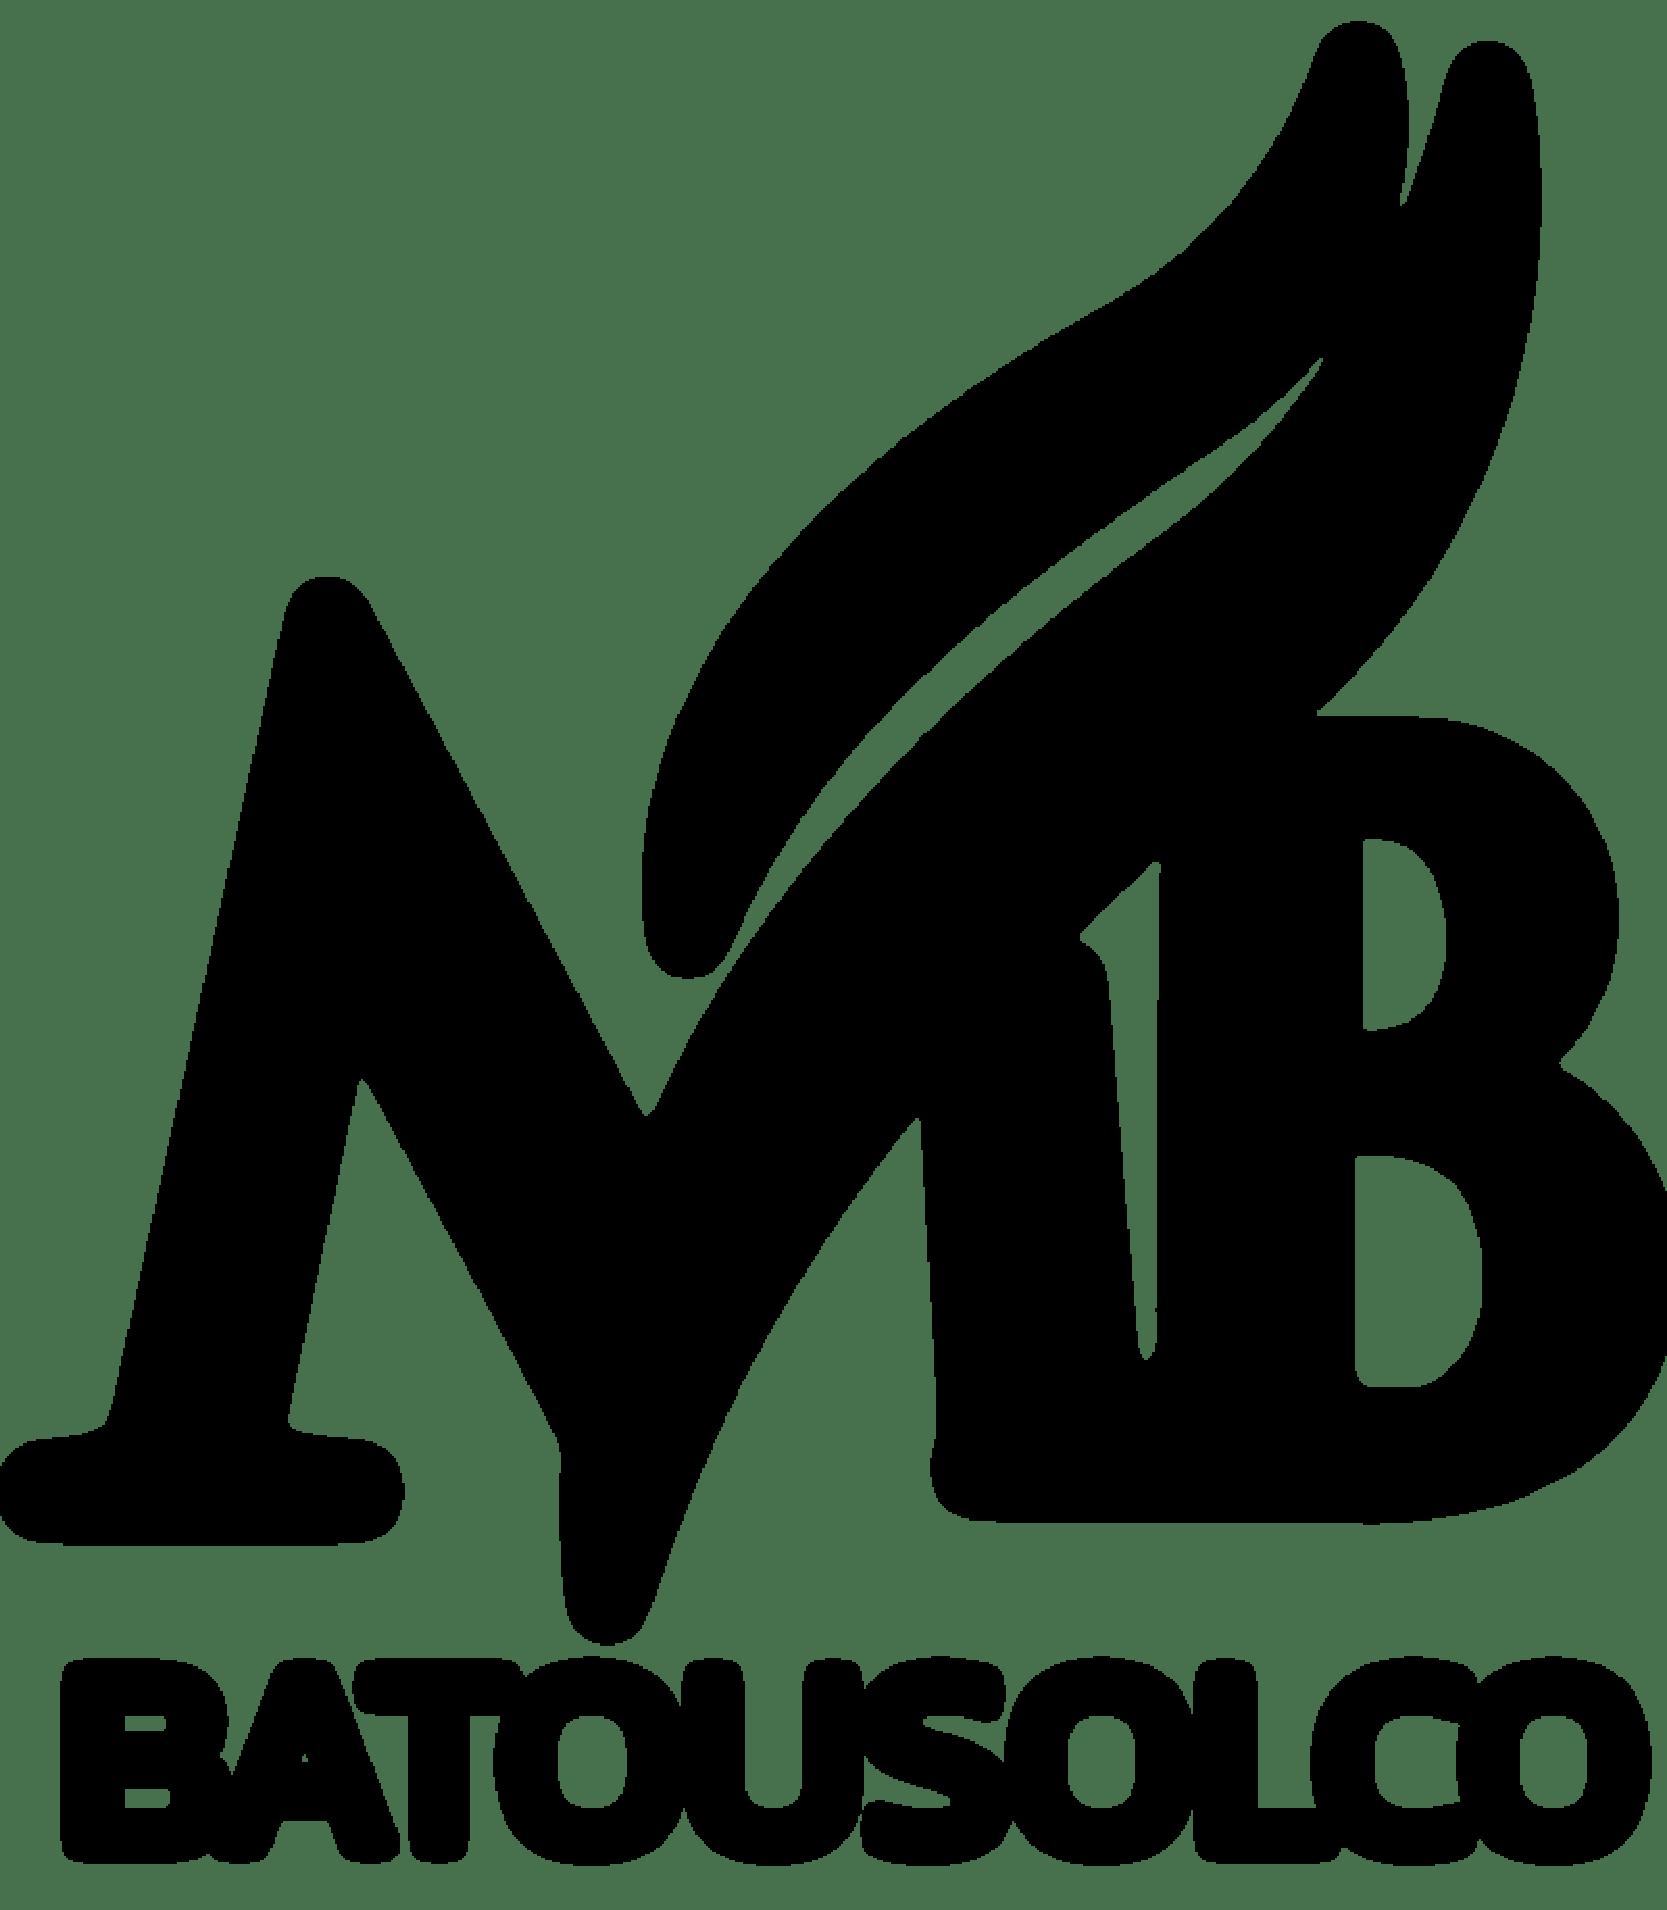 batousolco logo